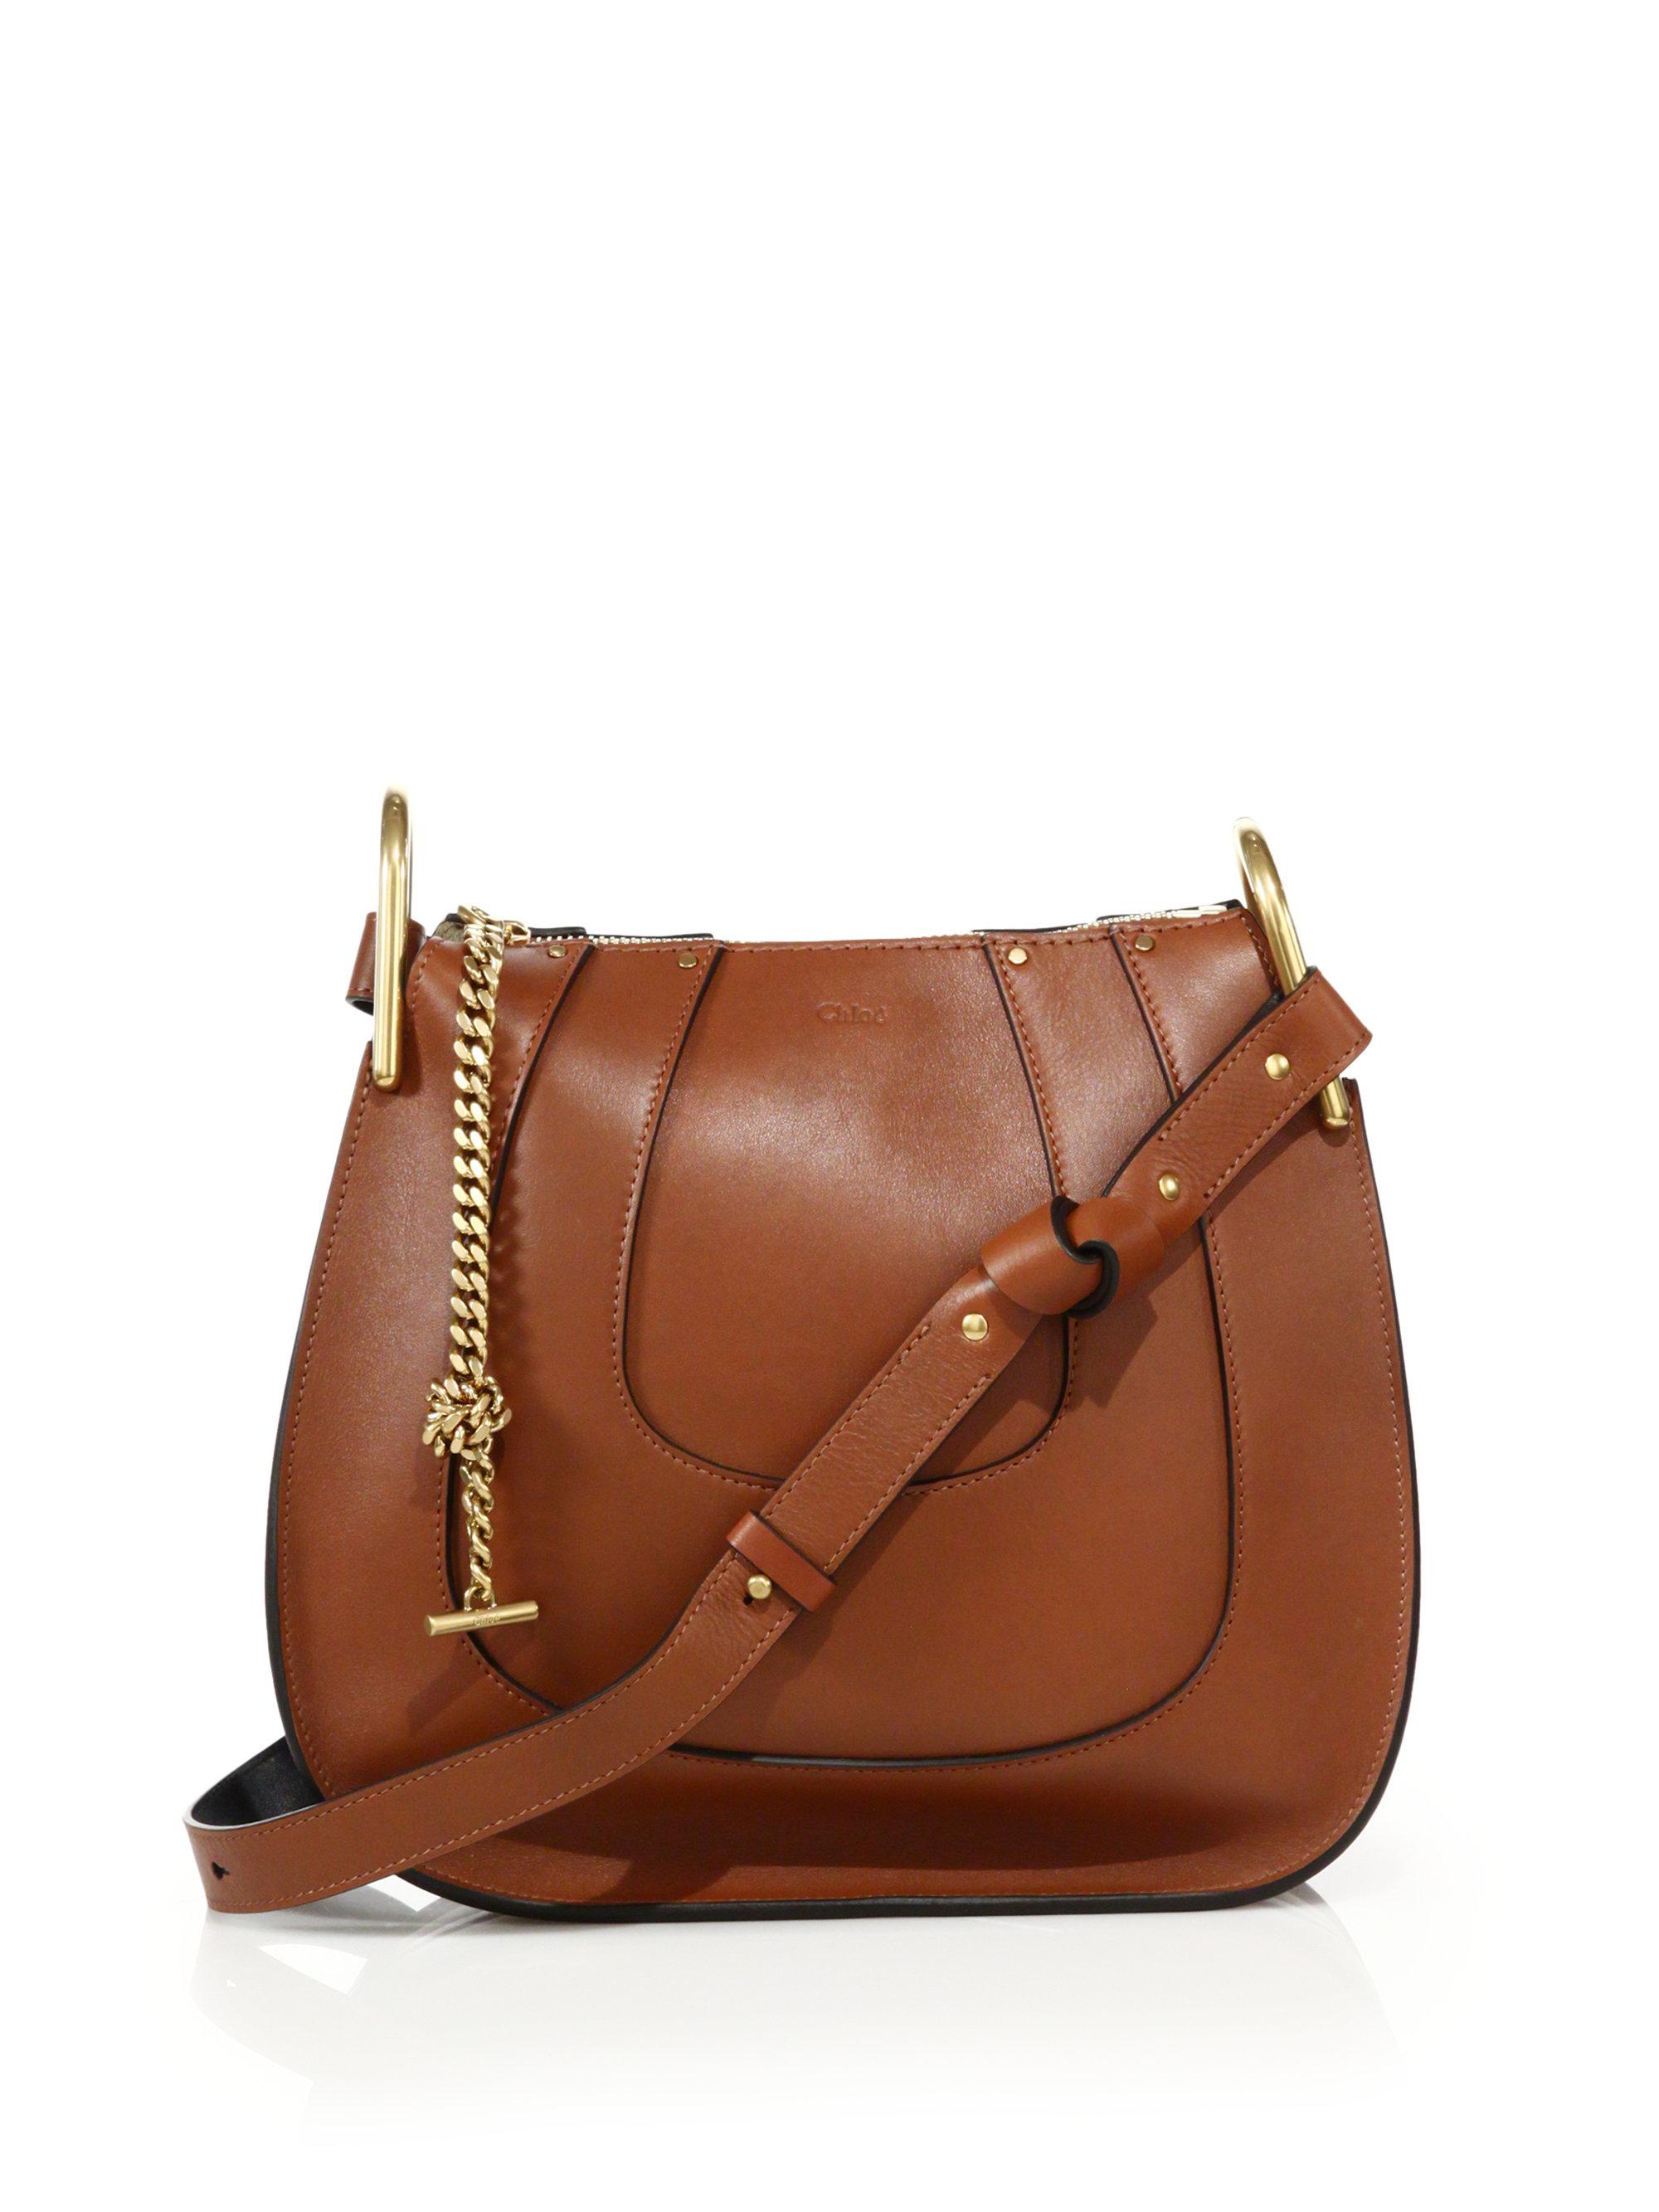 chloe bags replica - chloe hayley mini textured-leather shoulder bag, chloe satchel bag